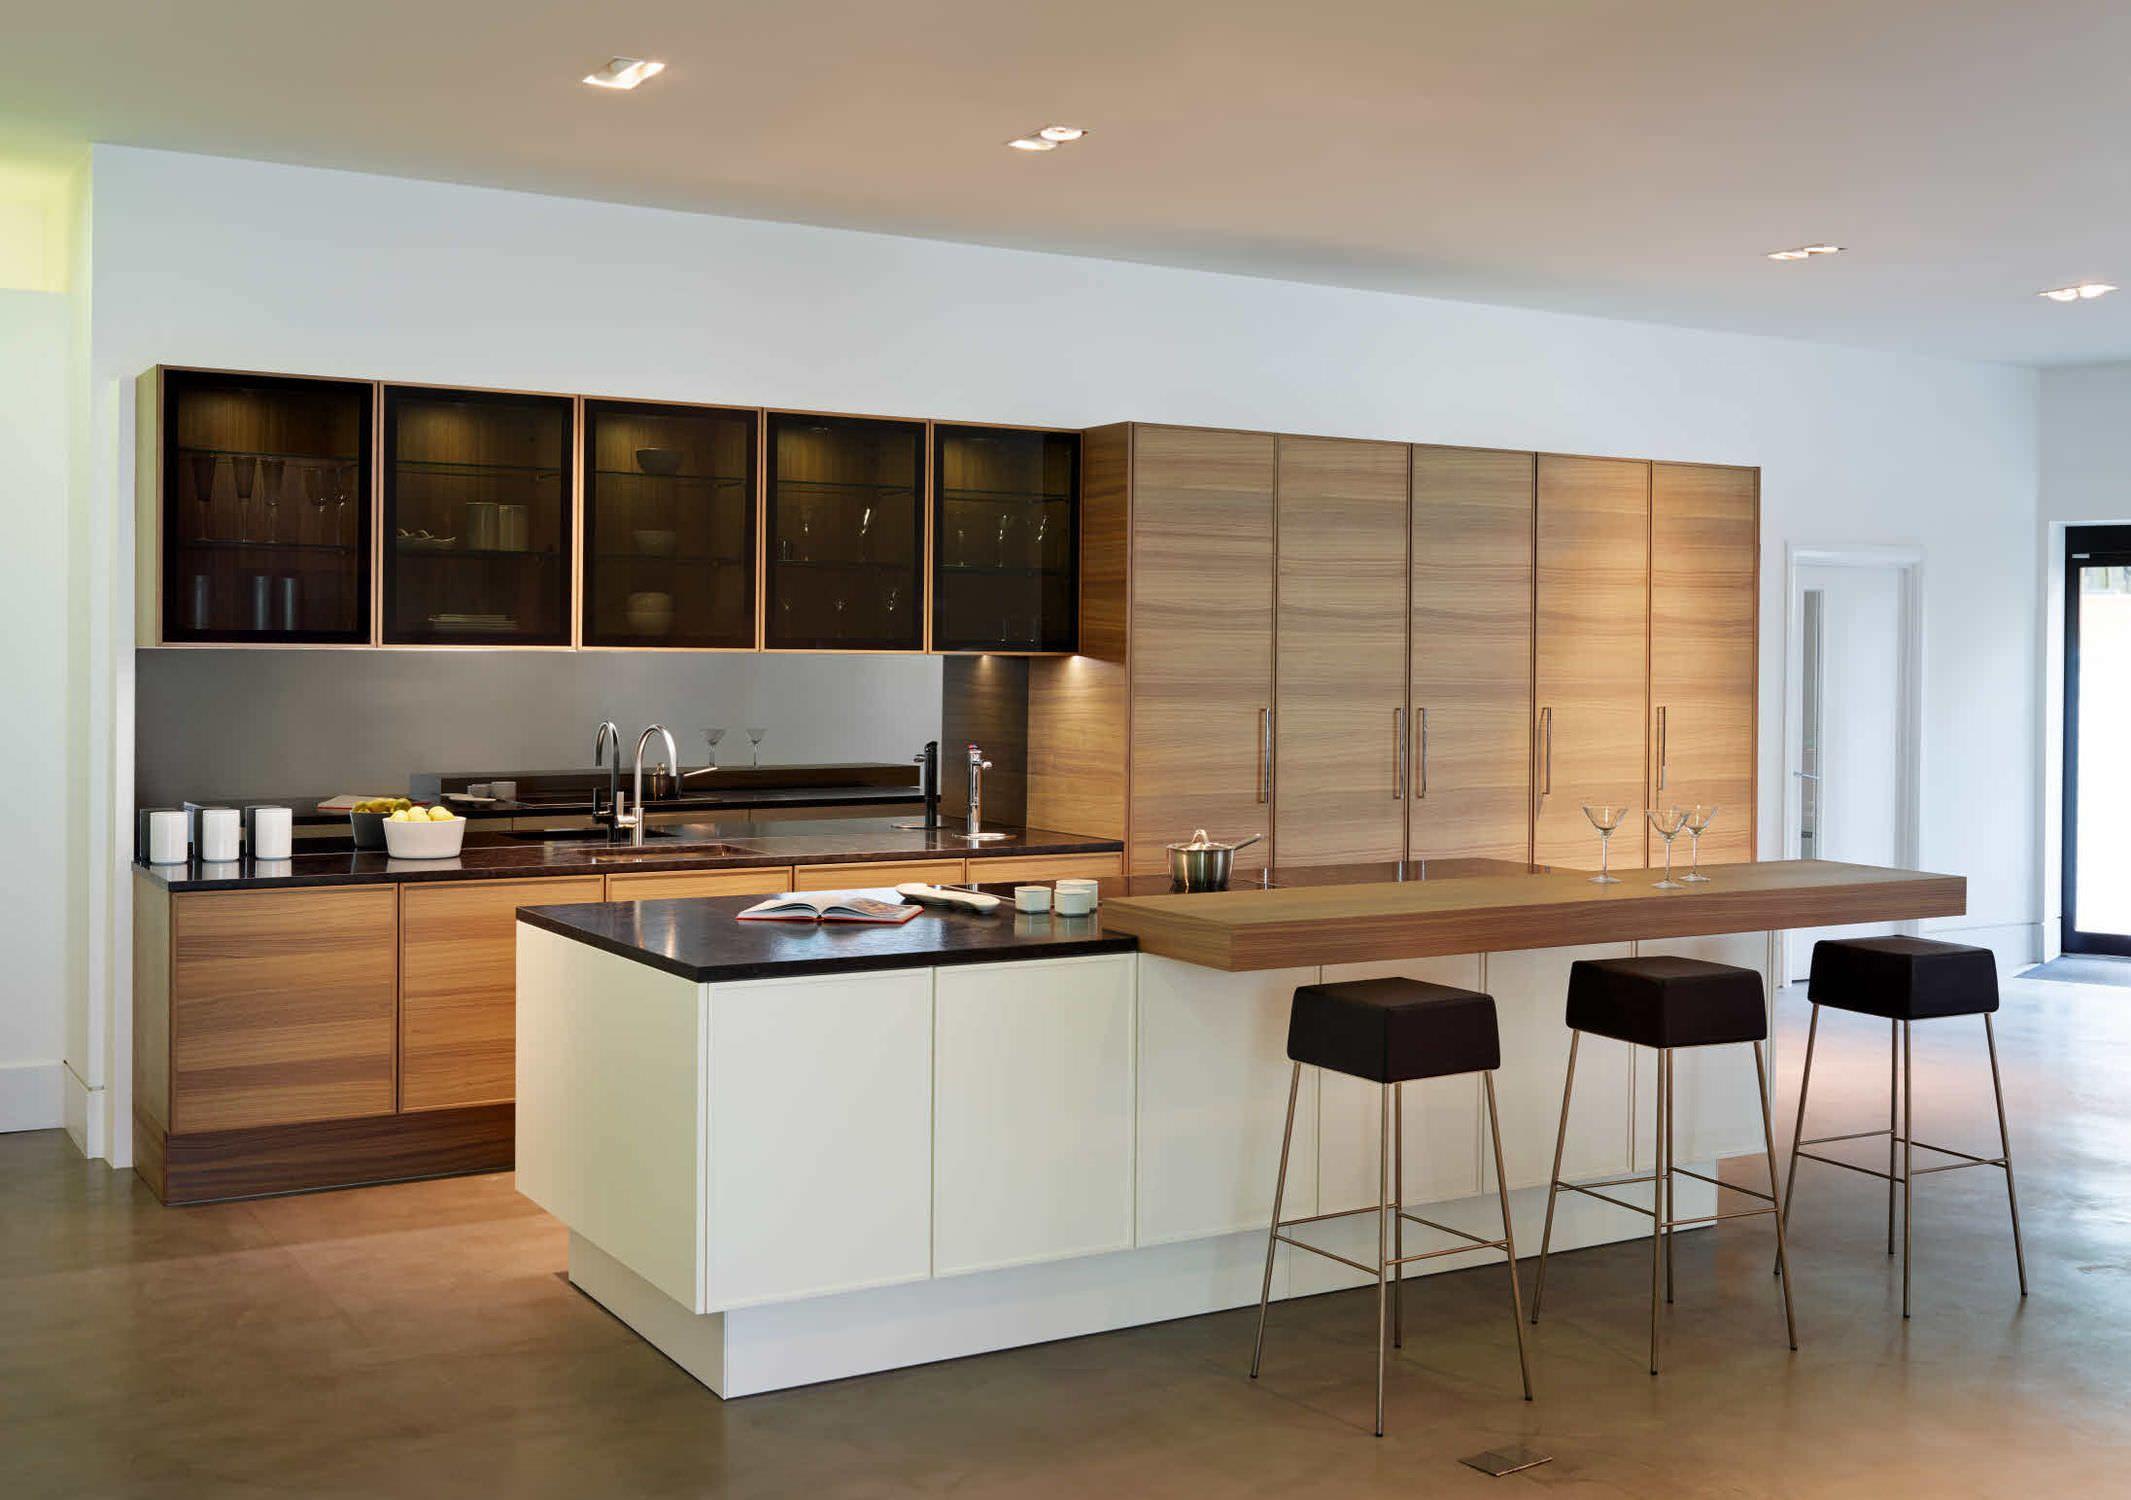 מטבחים במבצע Moderne küche, Küchen sitzgelegenheiten